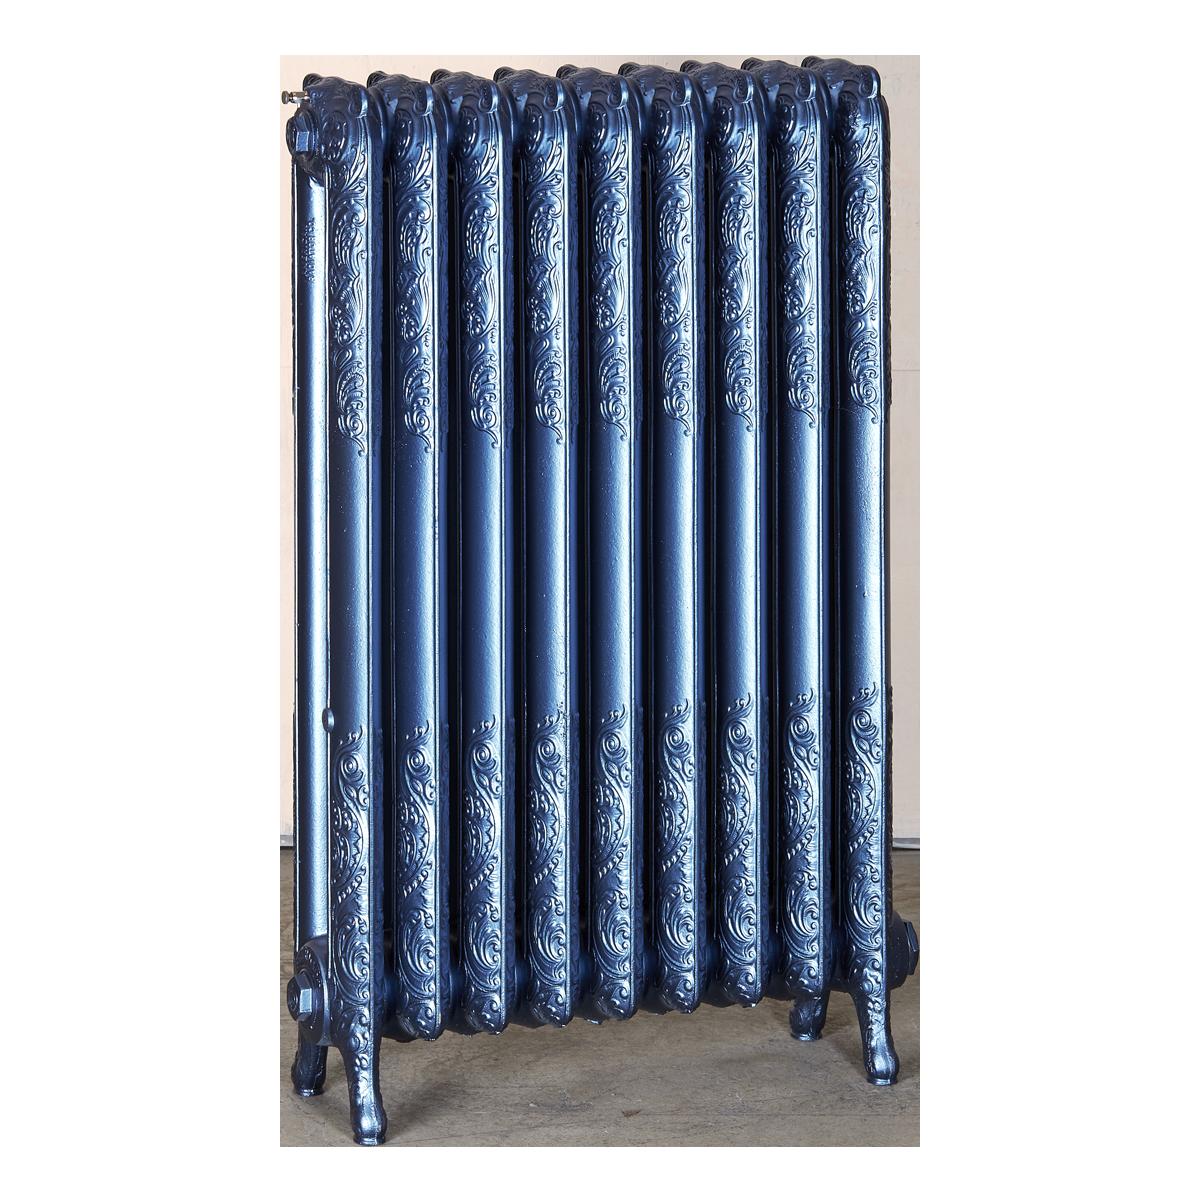 Ironworks Radiators Inc. refurbished cast iron radiator Cherrywood in Sapphire metallic